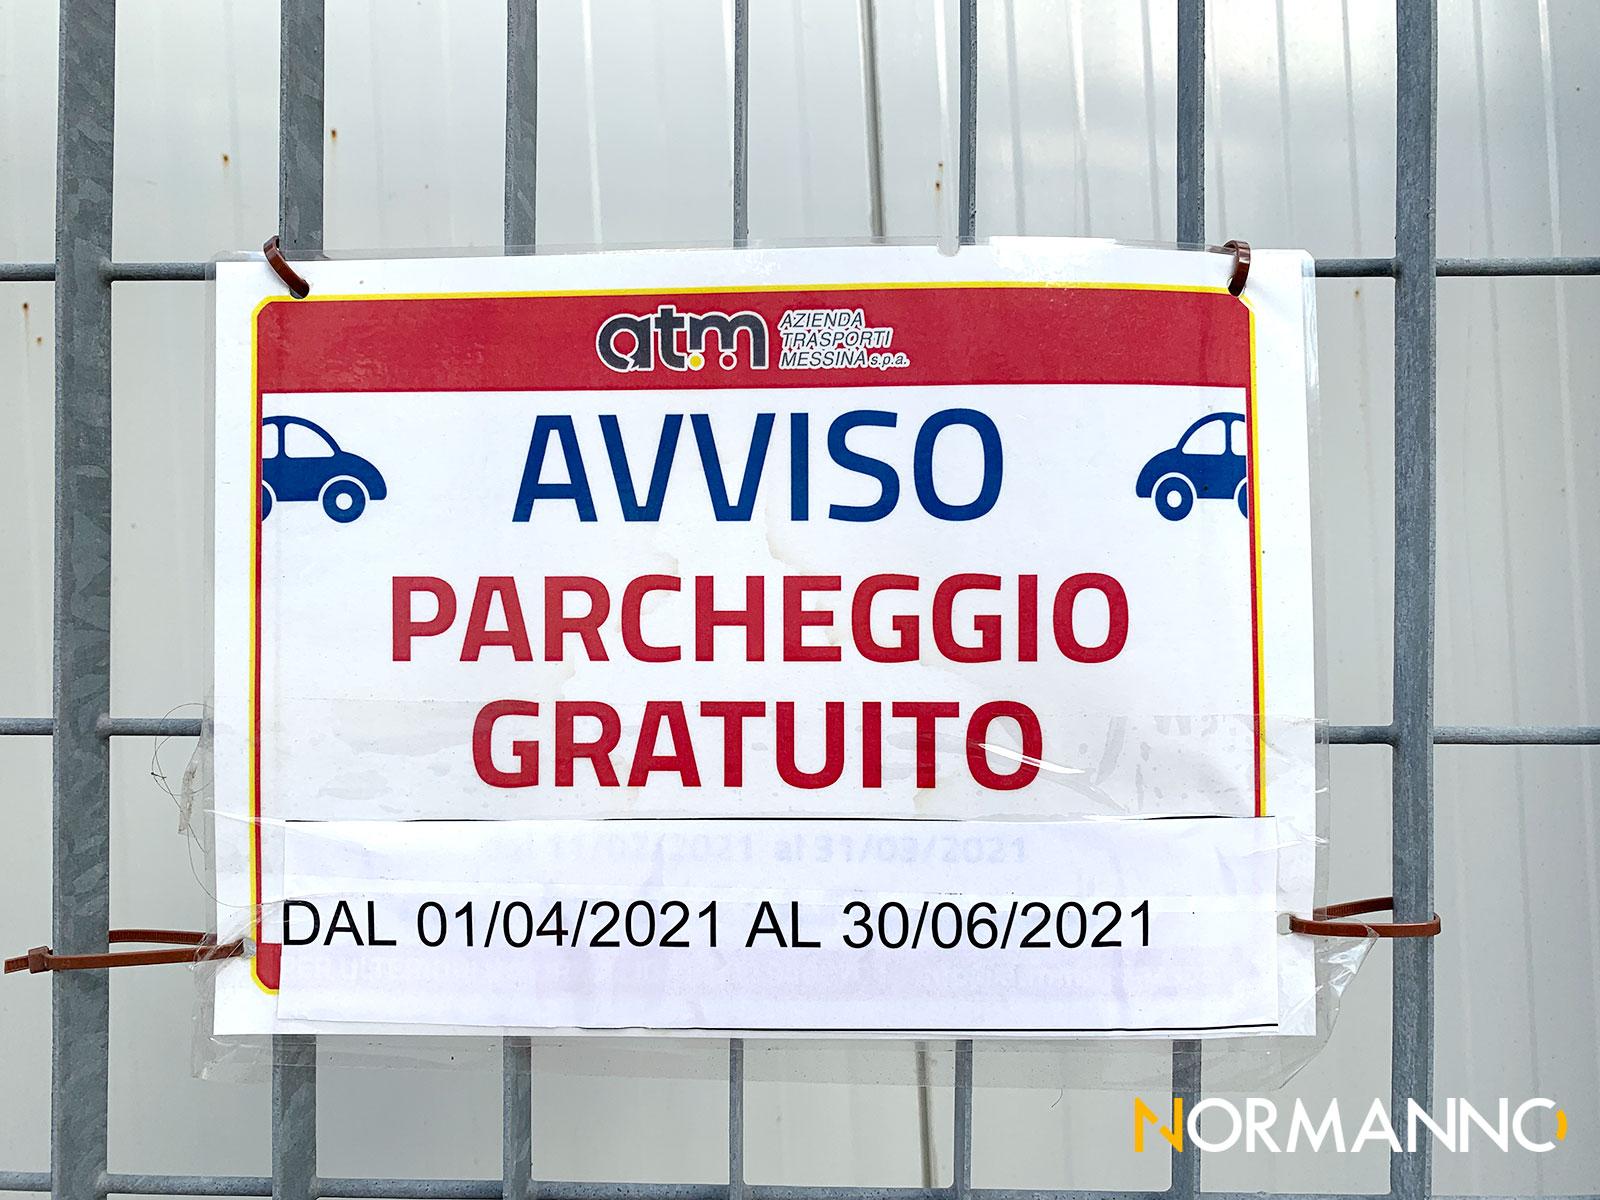 foto del cartello affisso al fosso per il parcheggio a pagamento gratis a messina